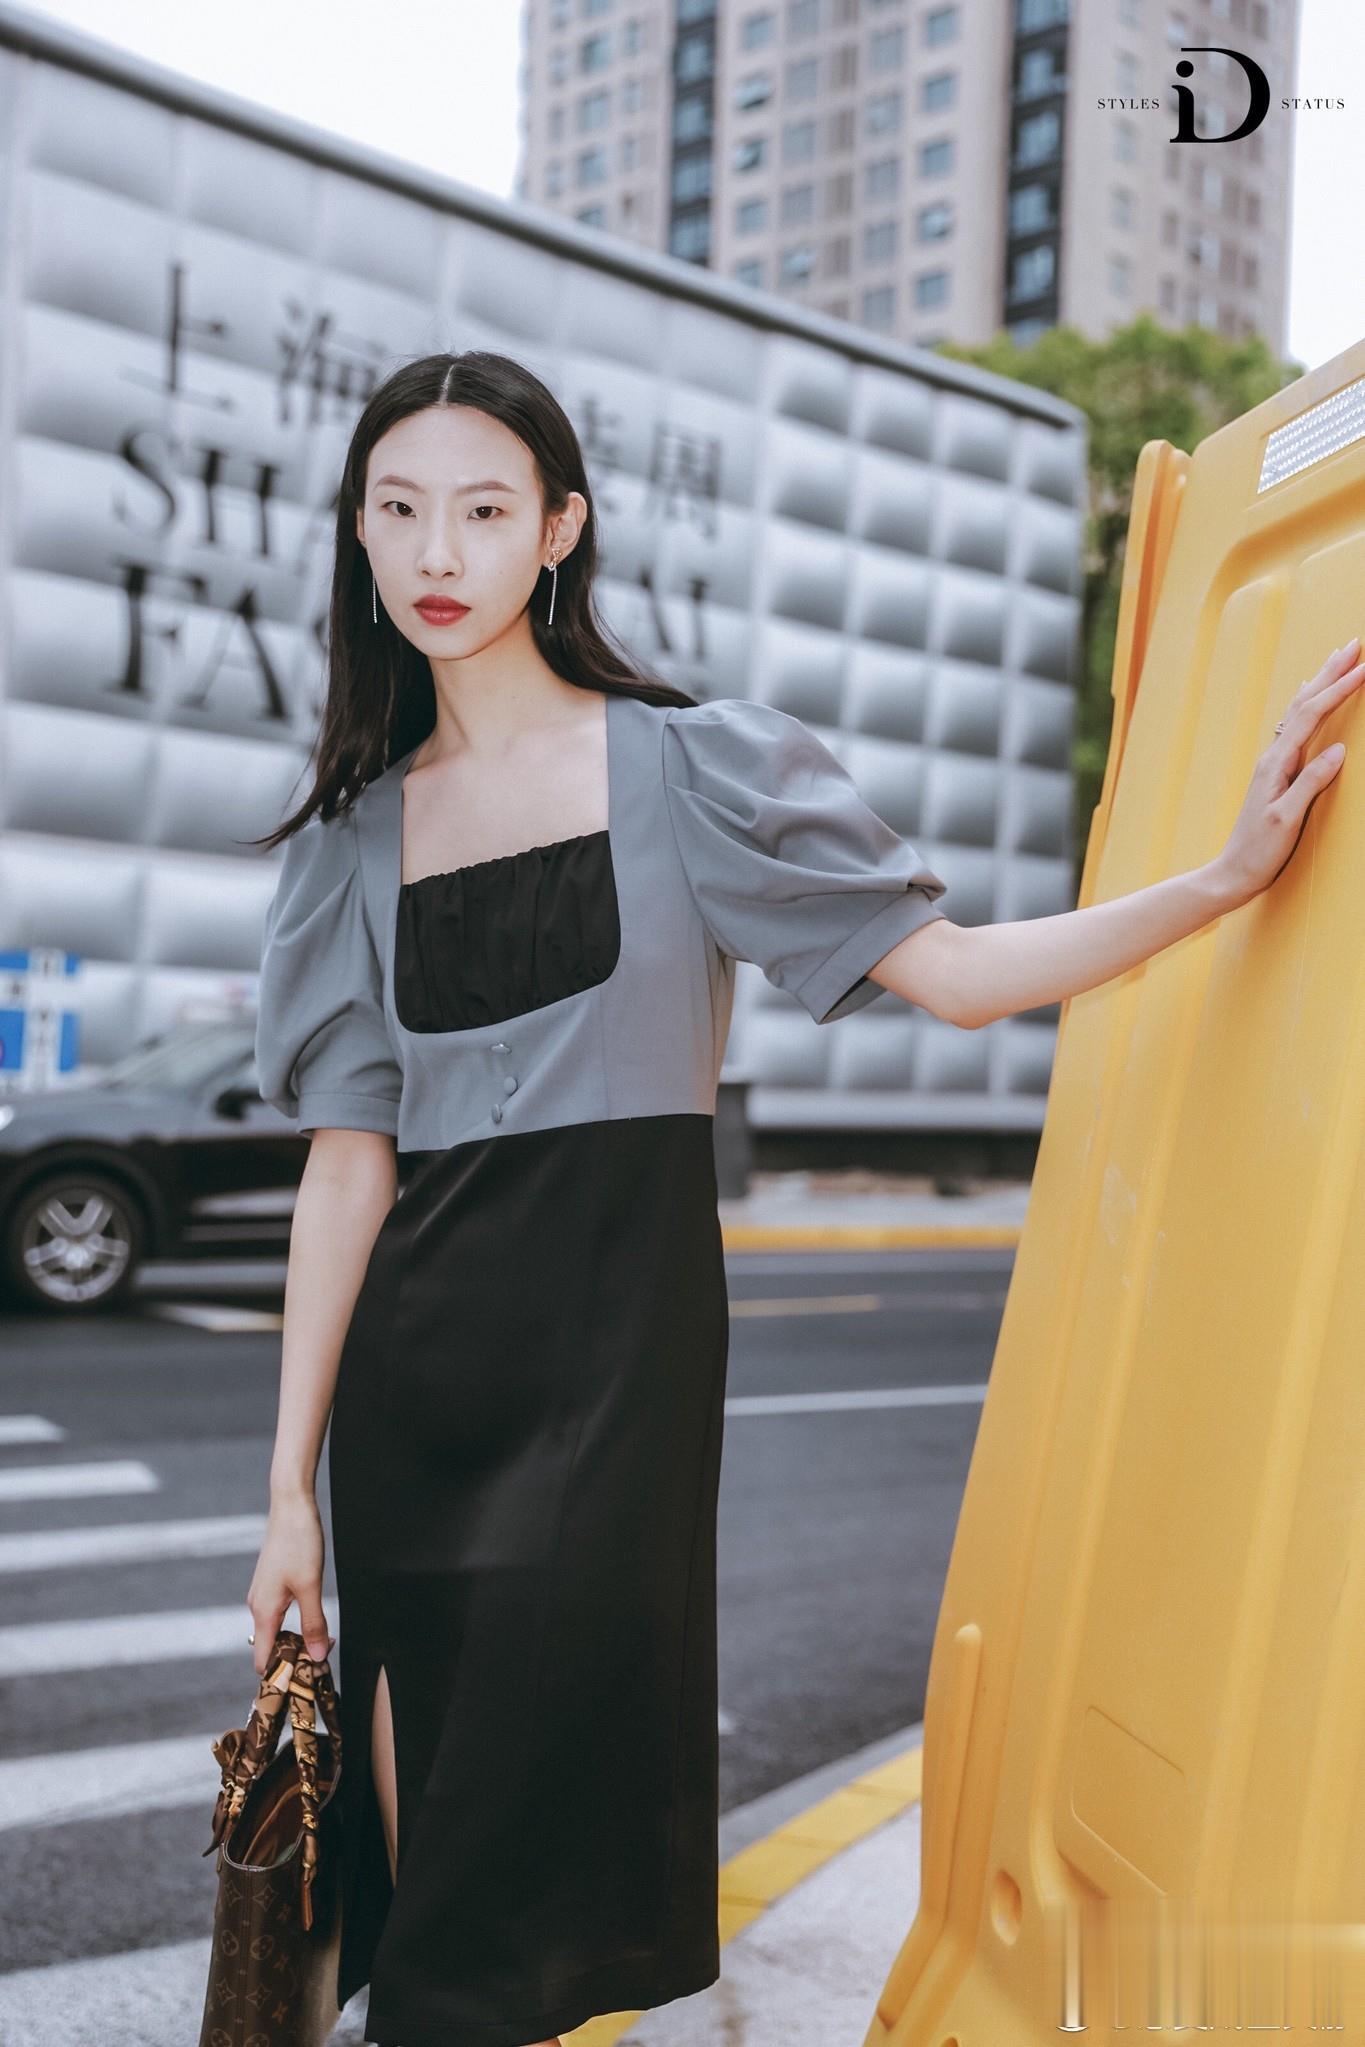 常文静受邀参加上海时装周dior活动